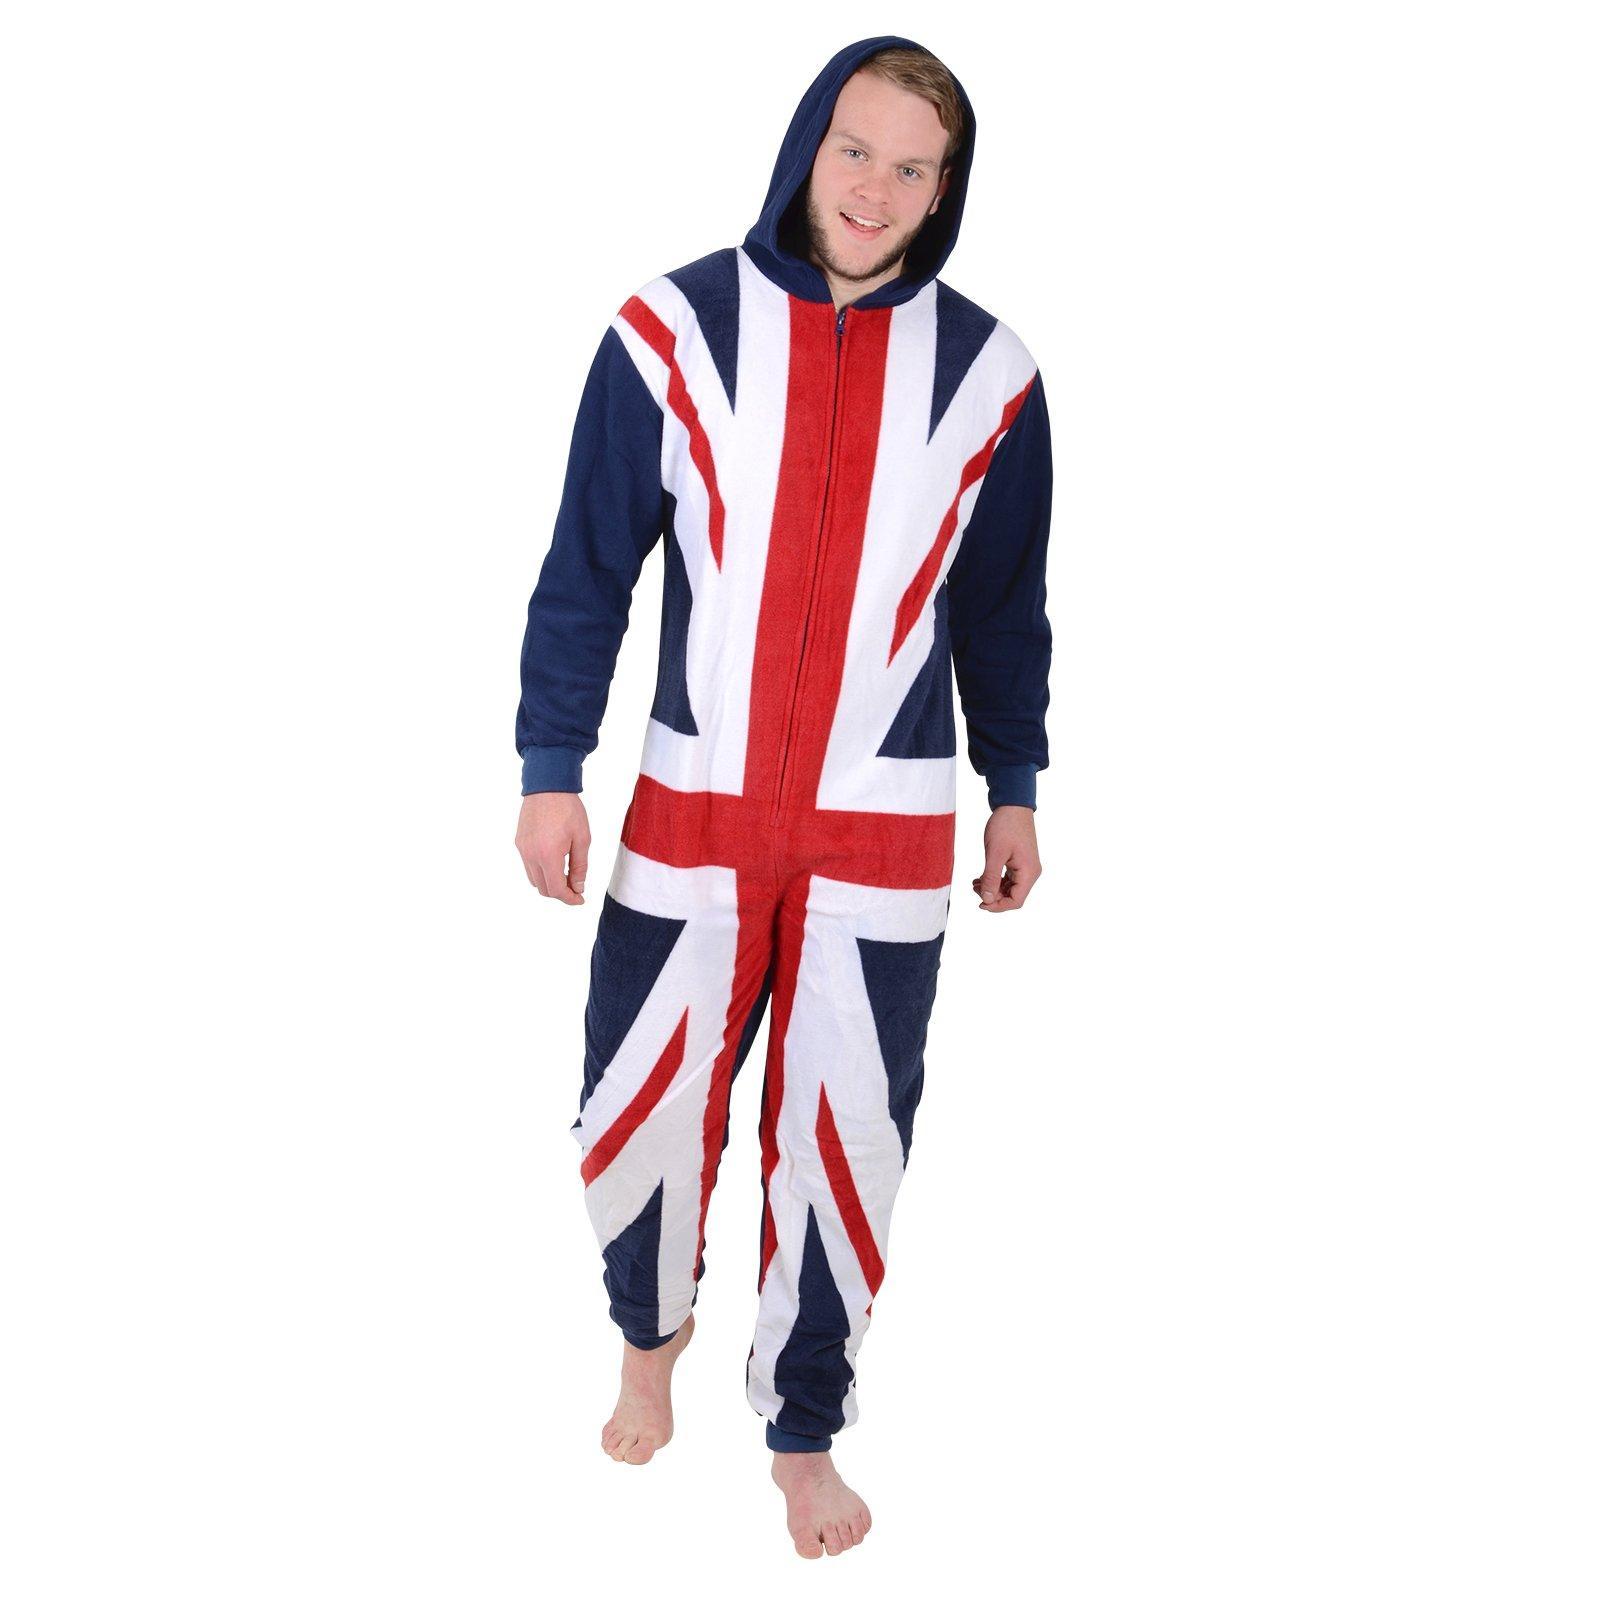 Union jack pajama bottoms